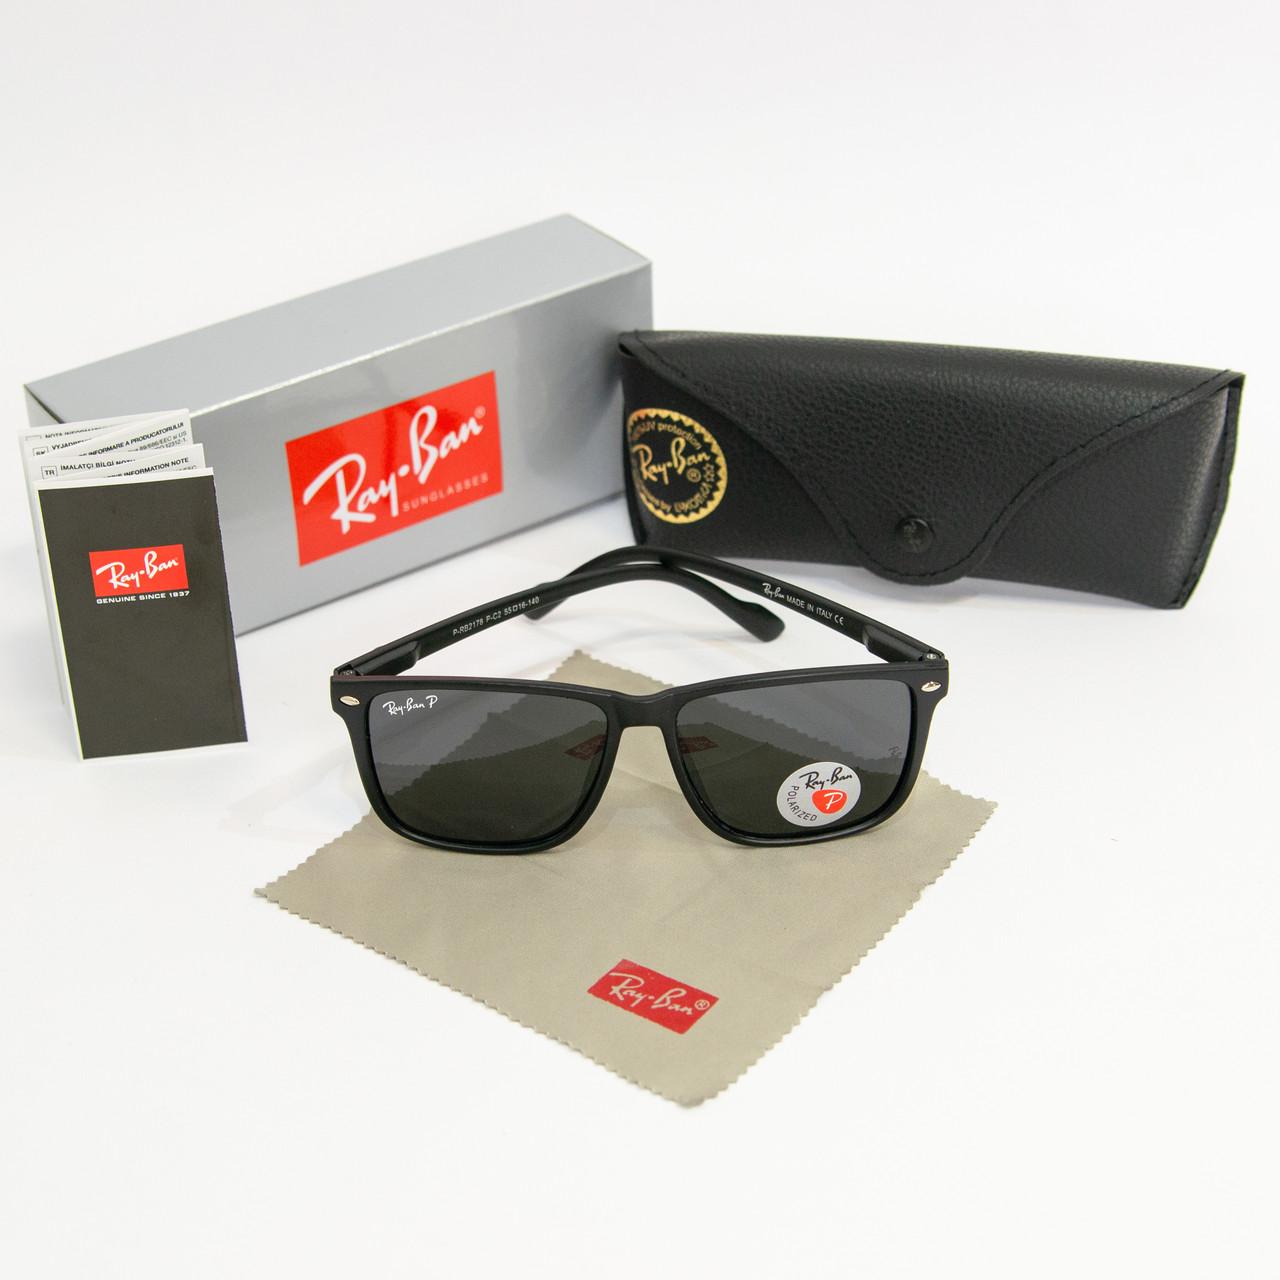 Солнцезащитные очки RAY BAN Wayfarer поляризационные антибликовые UV400 (арт. 2178P) черные